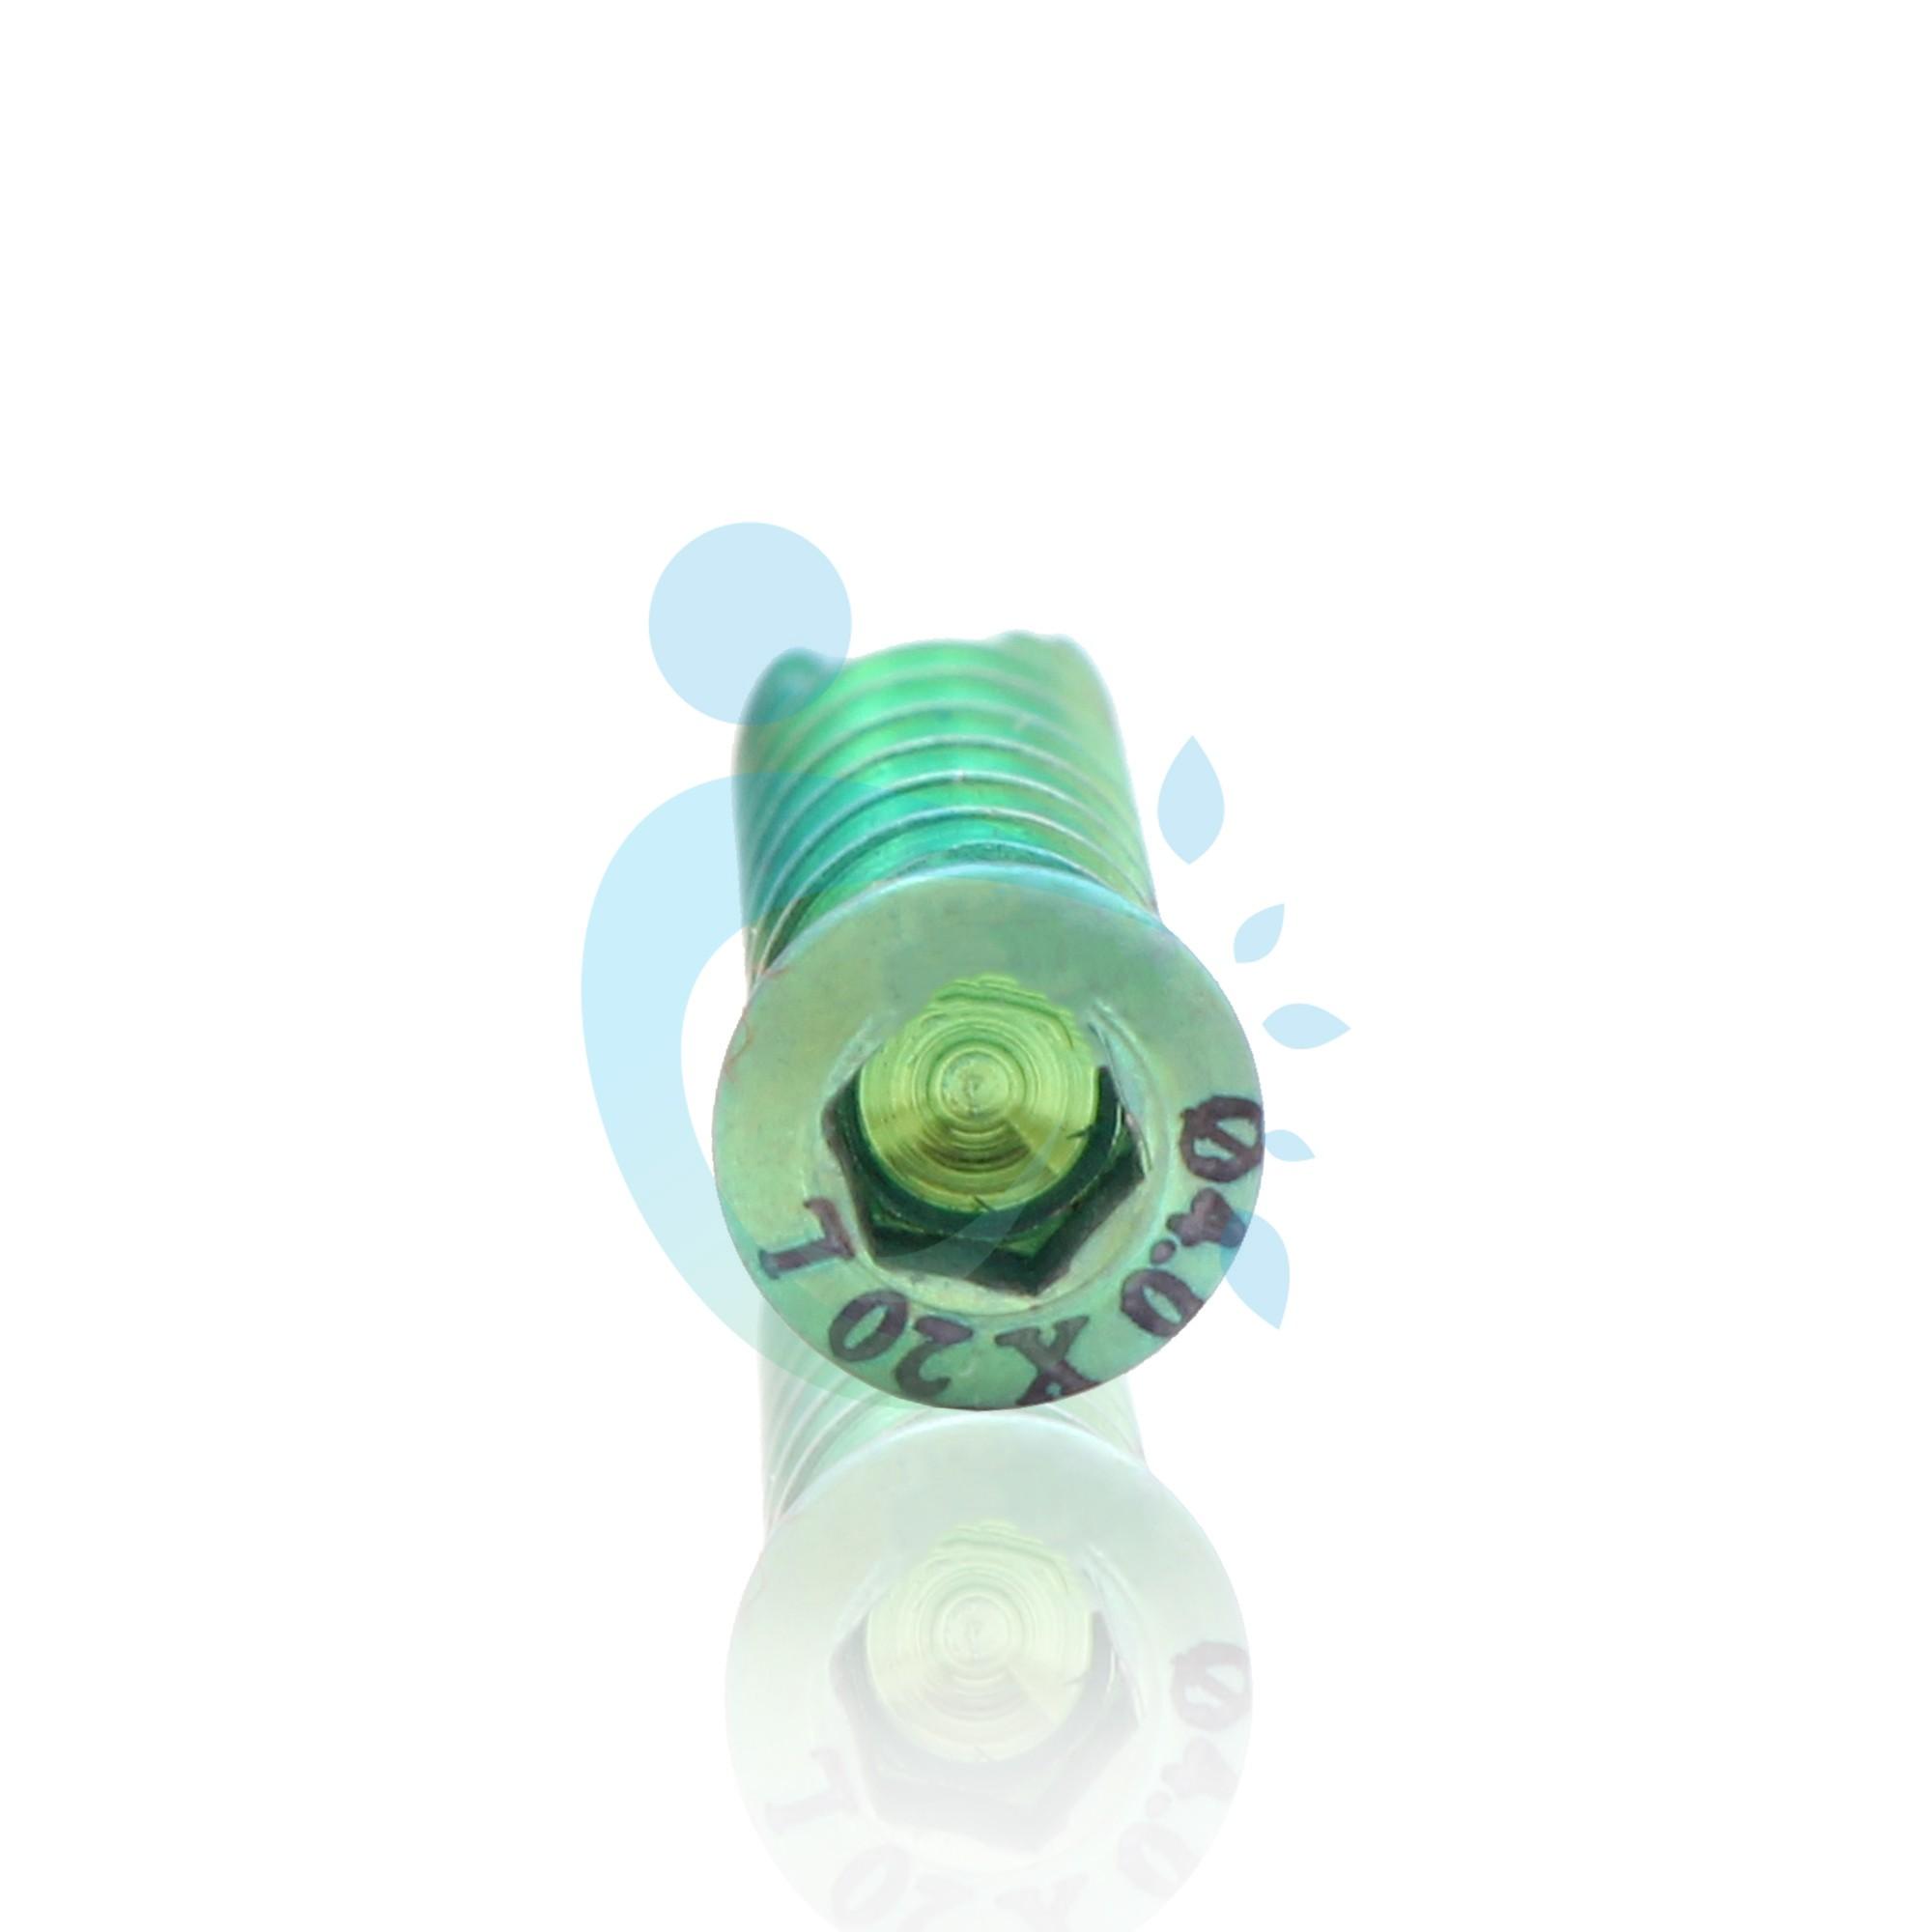 A.C.P. Screw 4.0mm Titanium